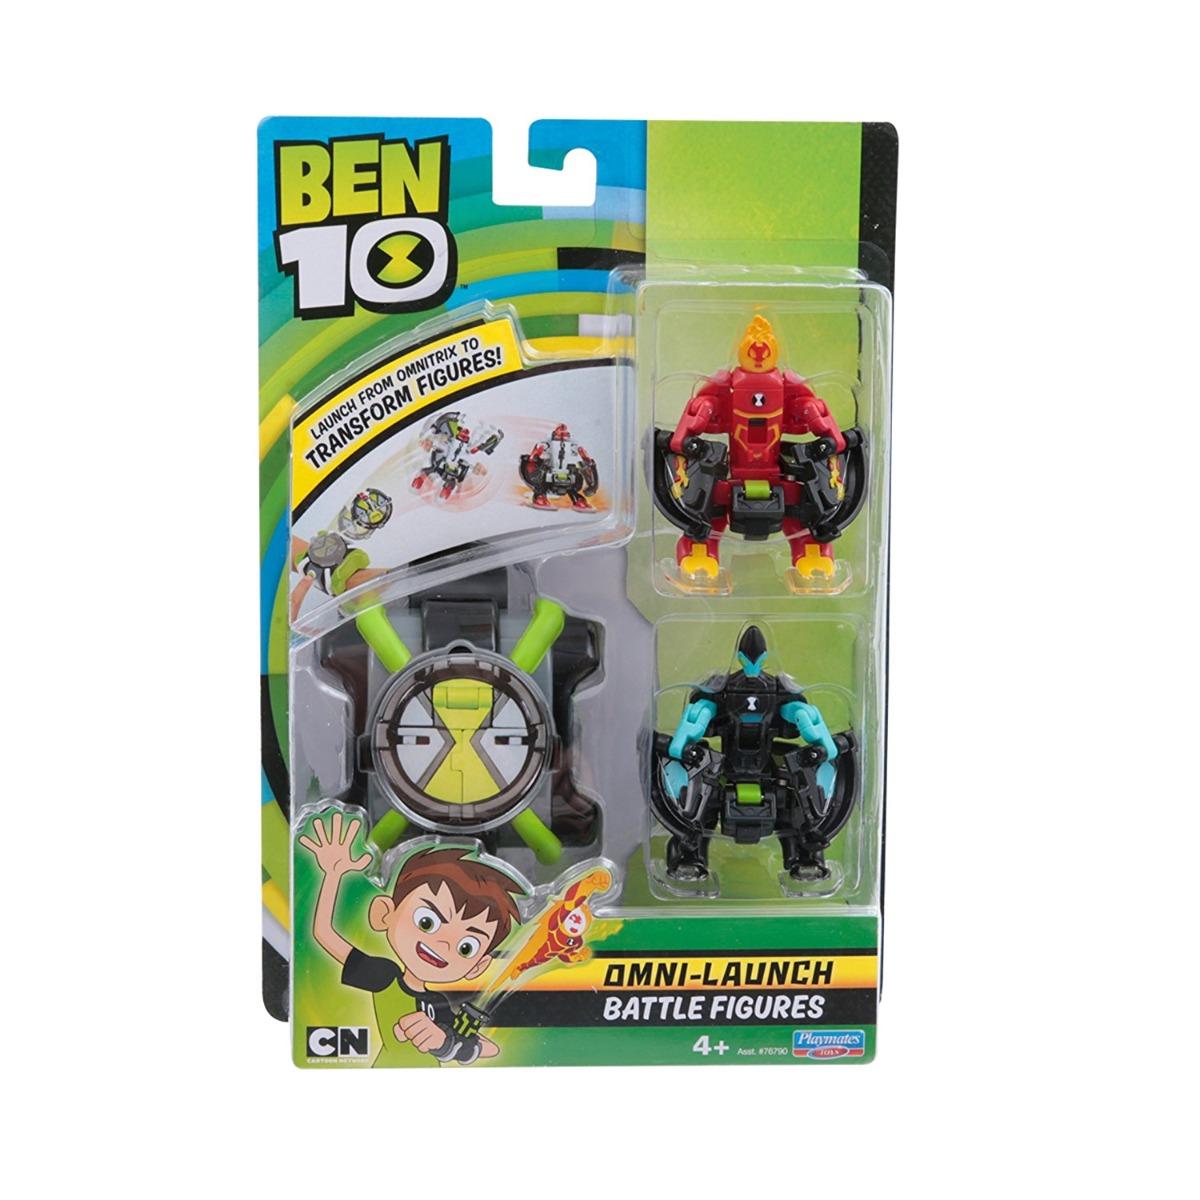 Set ceas Ben 10 omnitrix lansator cu 2 figurine XLR8 si Torta vie